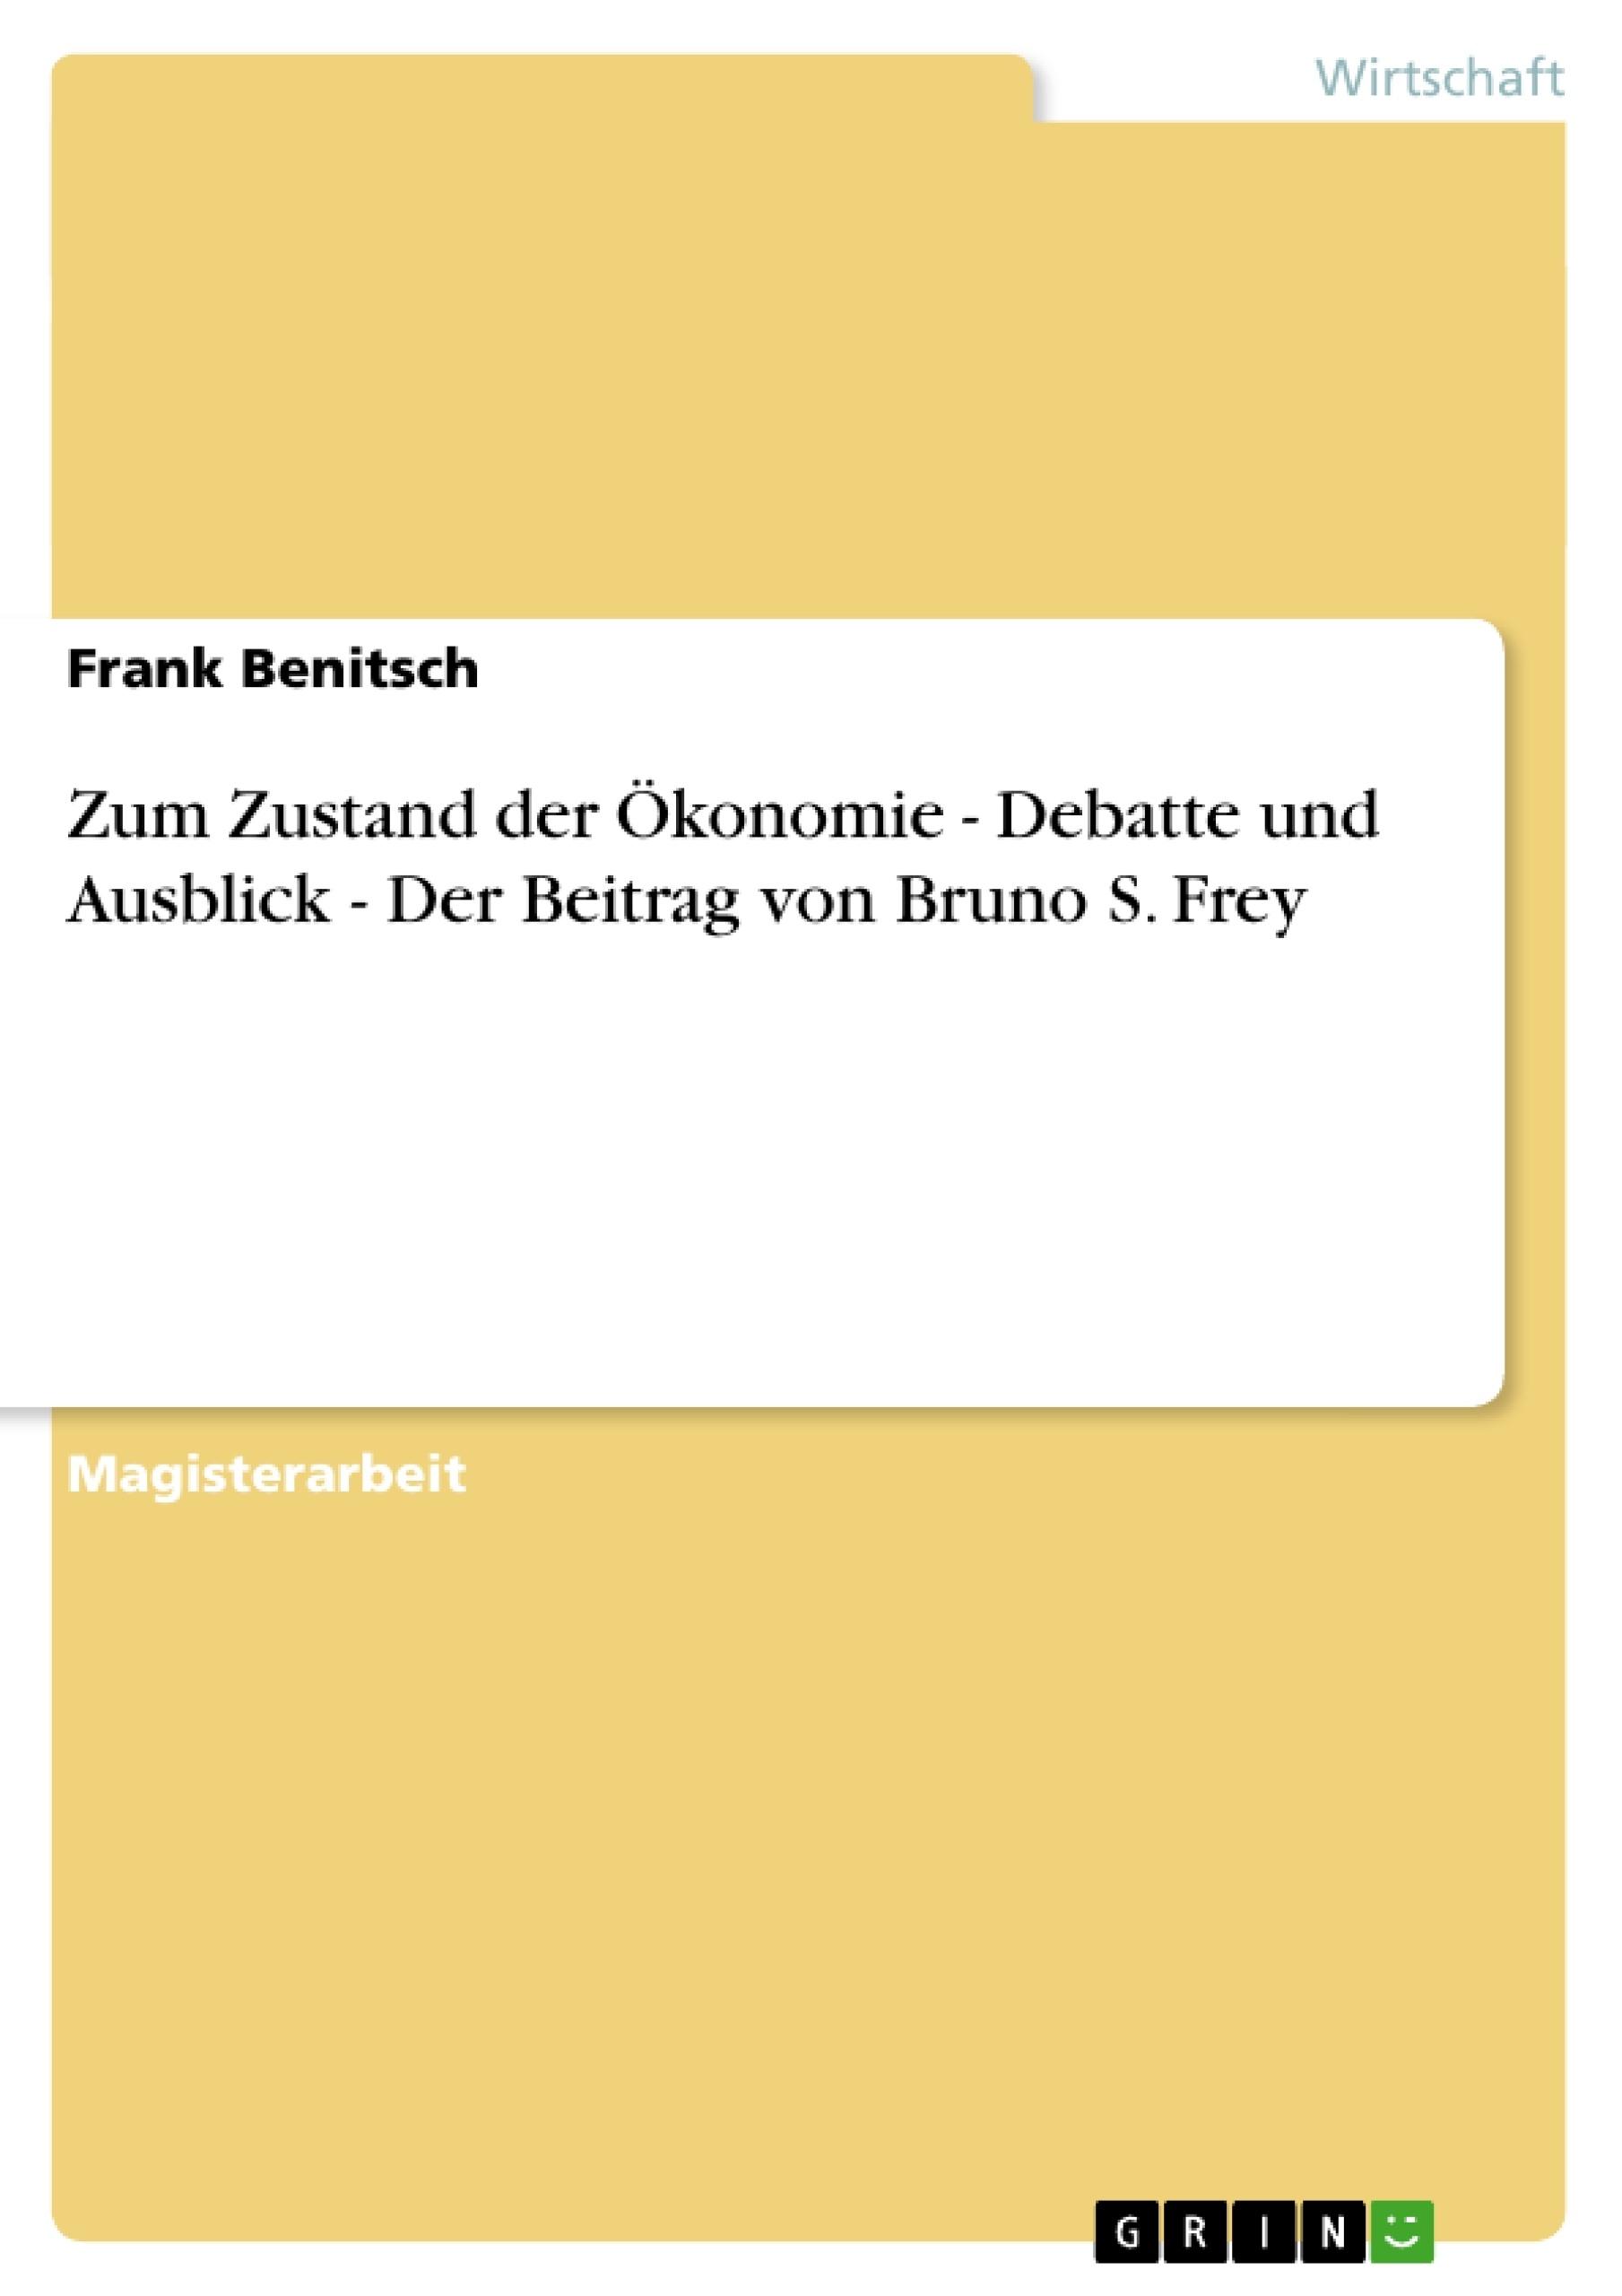 Titel: Zum Zustand der Ökonomie - Debatte und Ausblick - Der Beitrag von Bruno S. Frey